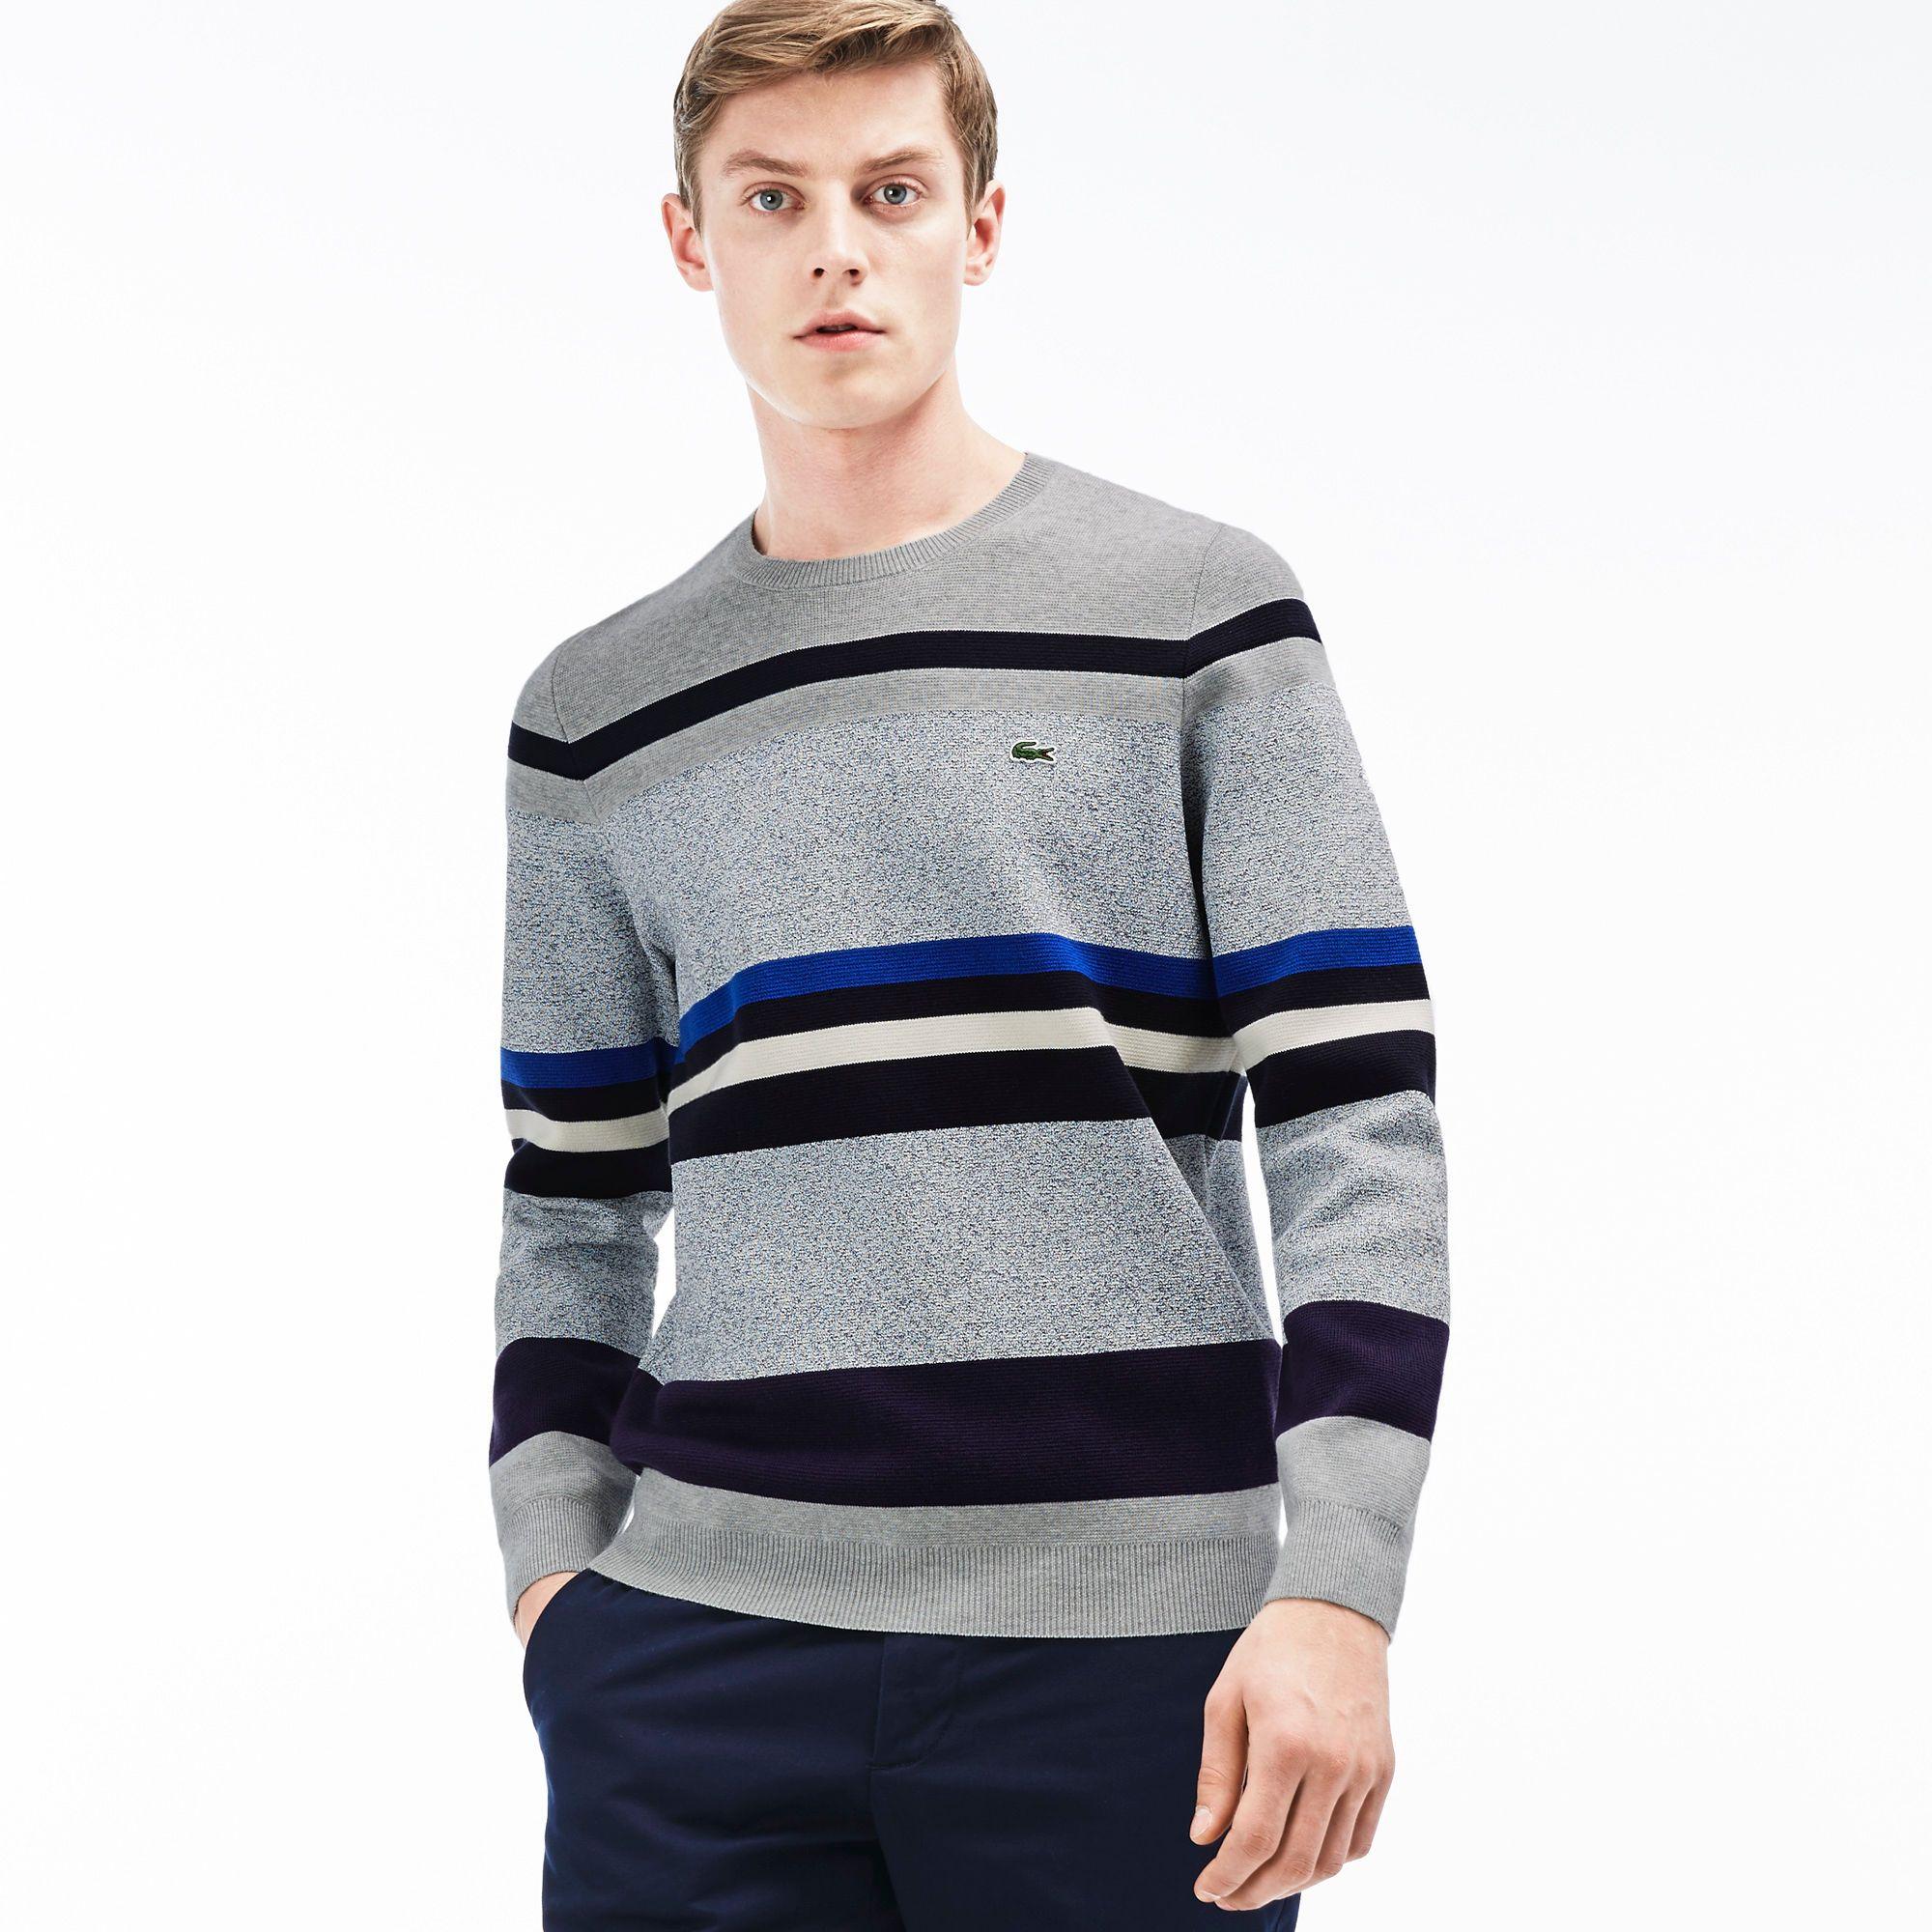 eed592271b73 Men s Crew Neck Striped Color Block Sweatshirt